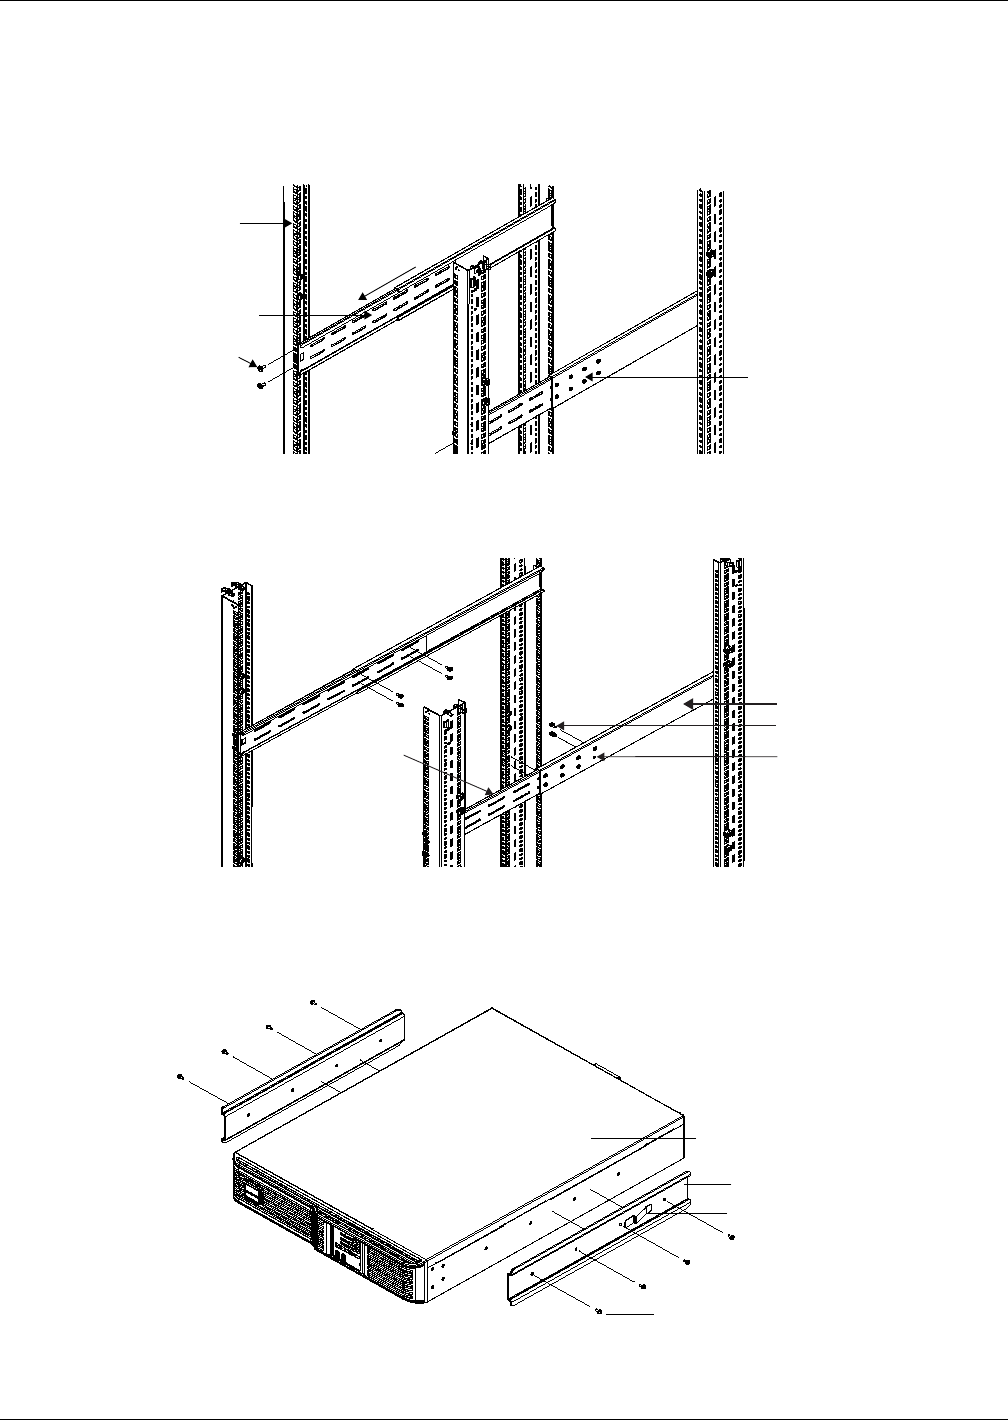 Emerson Liebert Gxt3 Ups 120V 208V 500Va 3000Va Users Manual